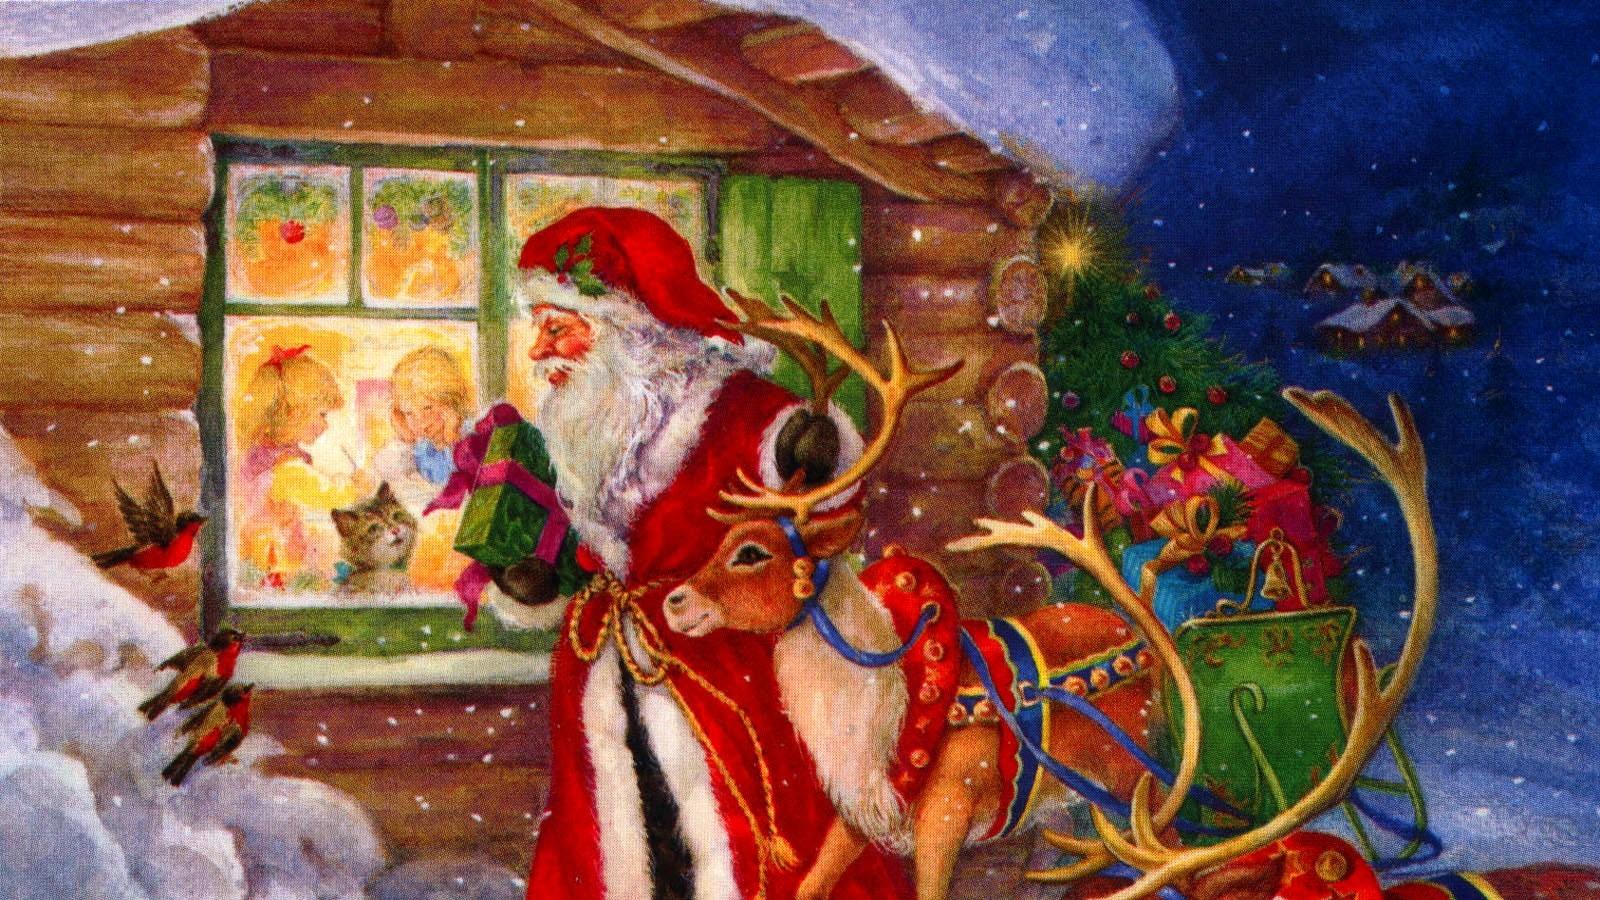 100 к 1 - Что делает дед мороз, после того как разнесёт подарки? 55